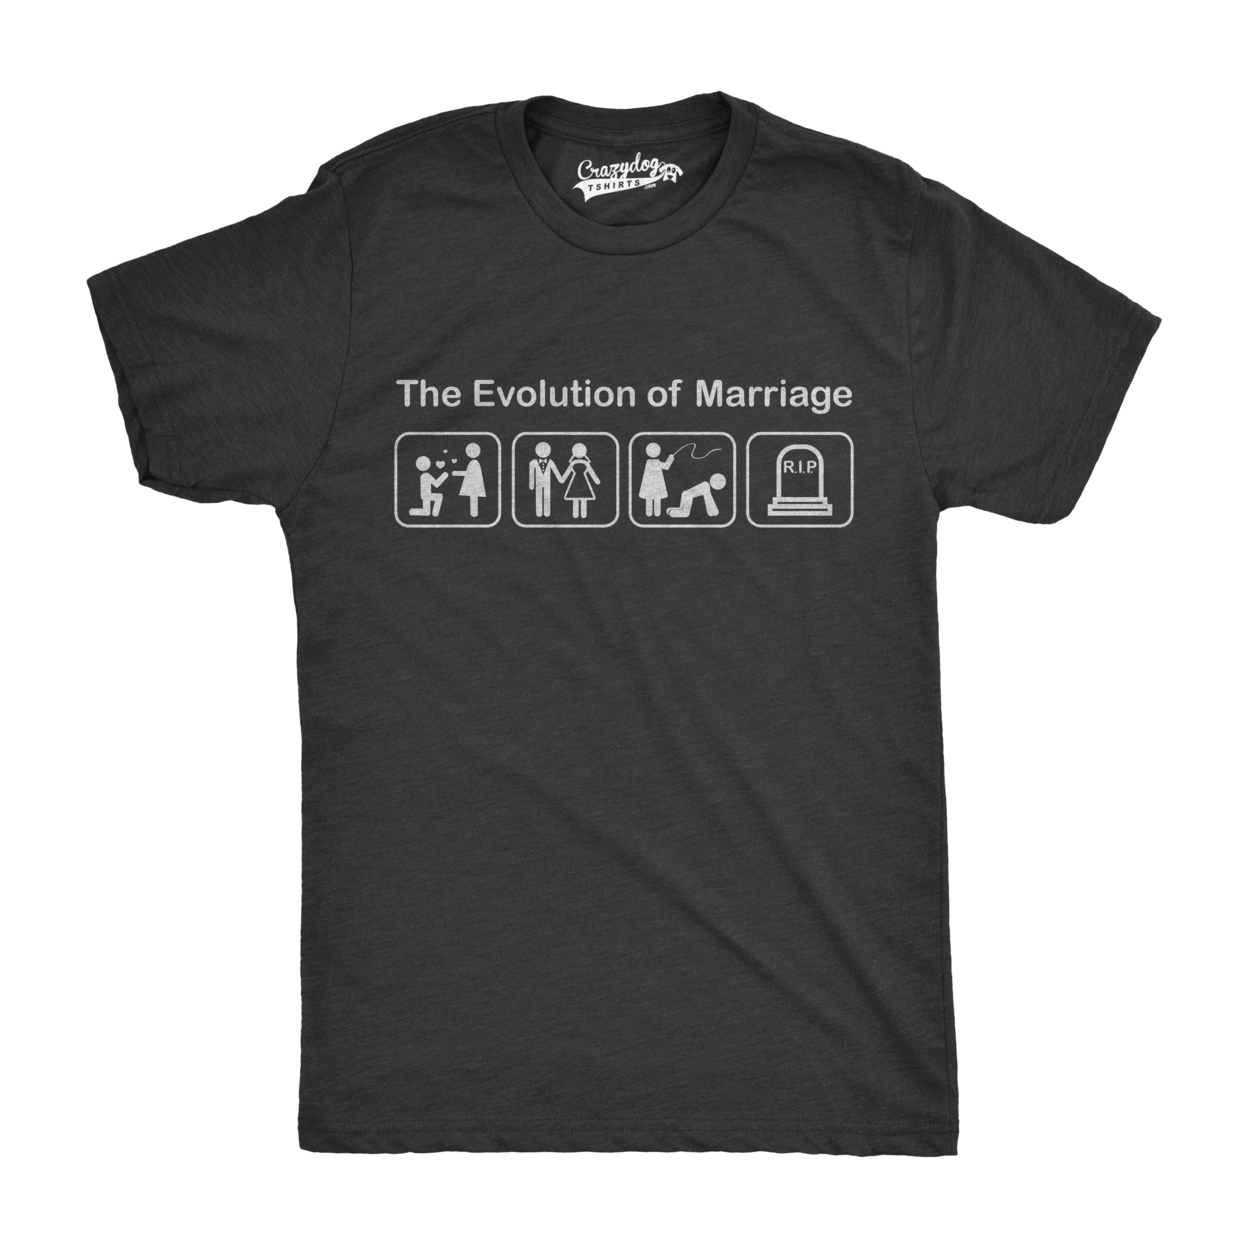 Evolution of Marriage Wedding T-Shirt 57b60bc6e22461229f325f1b